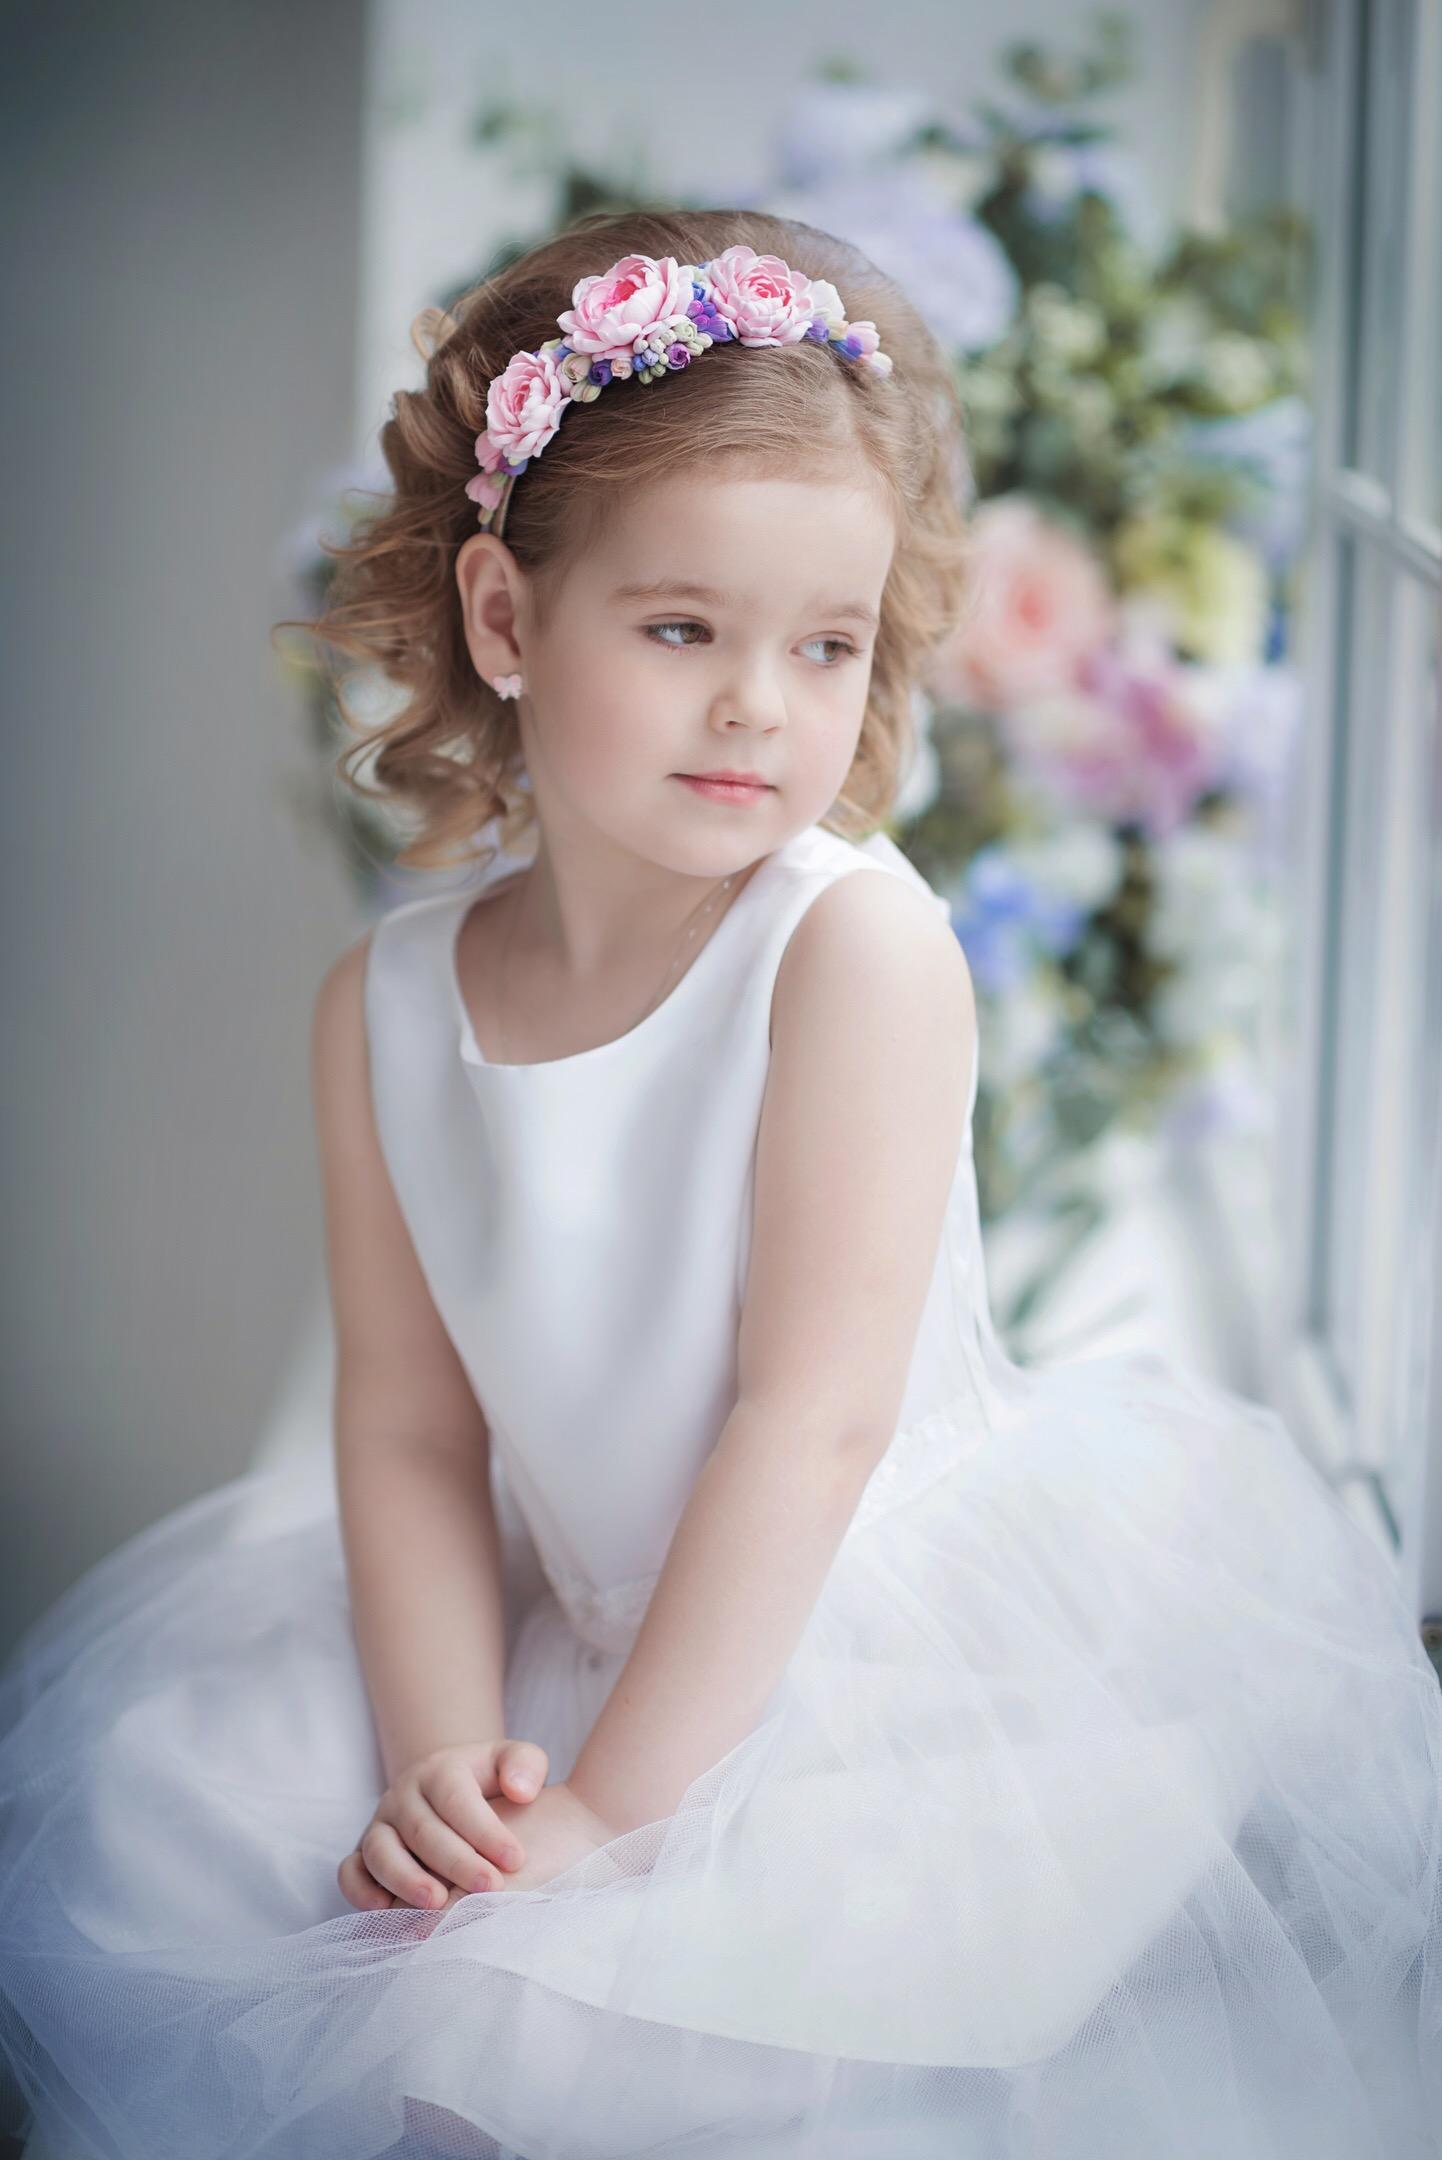 Цветочная принцесса. Принцесса собирается на бал